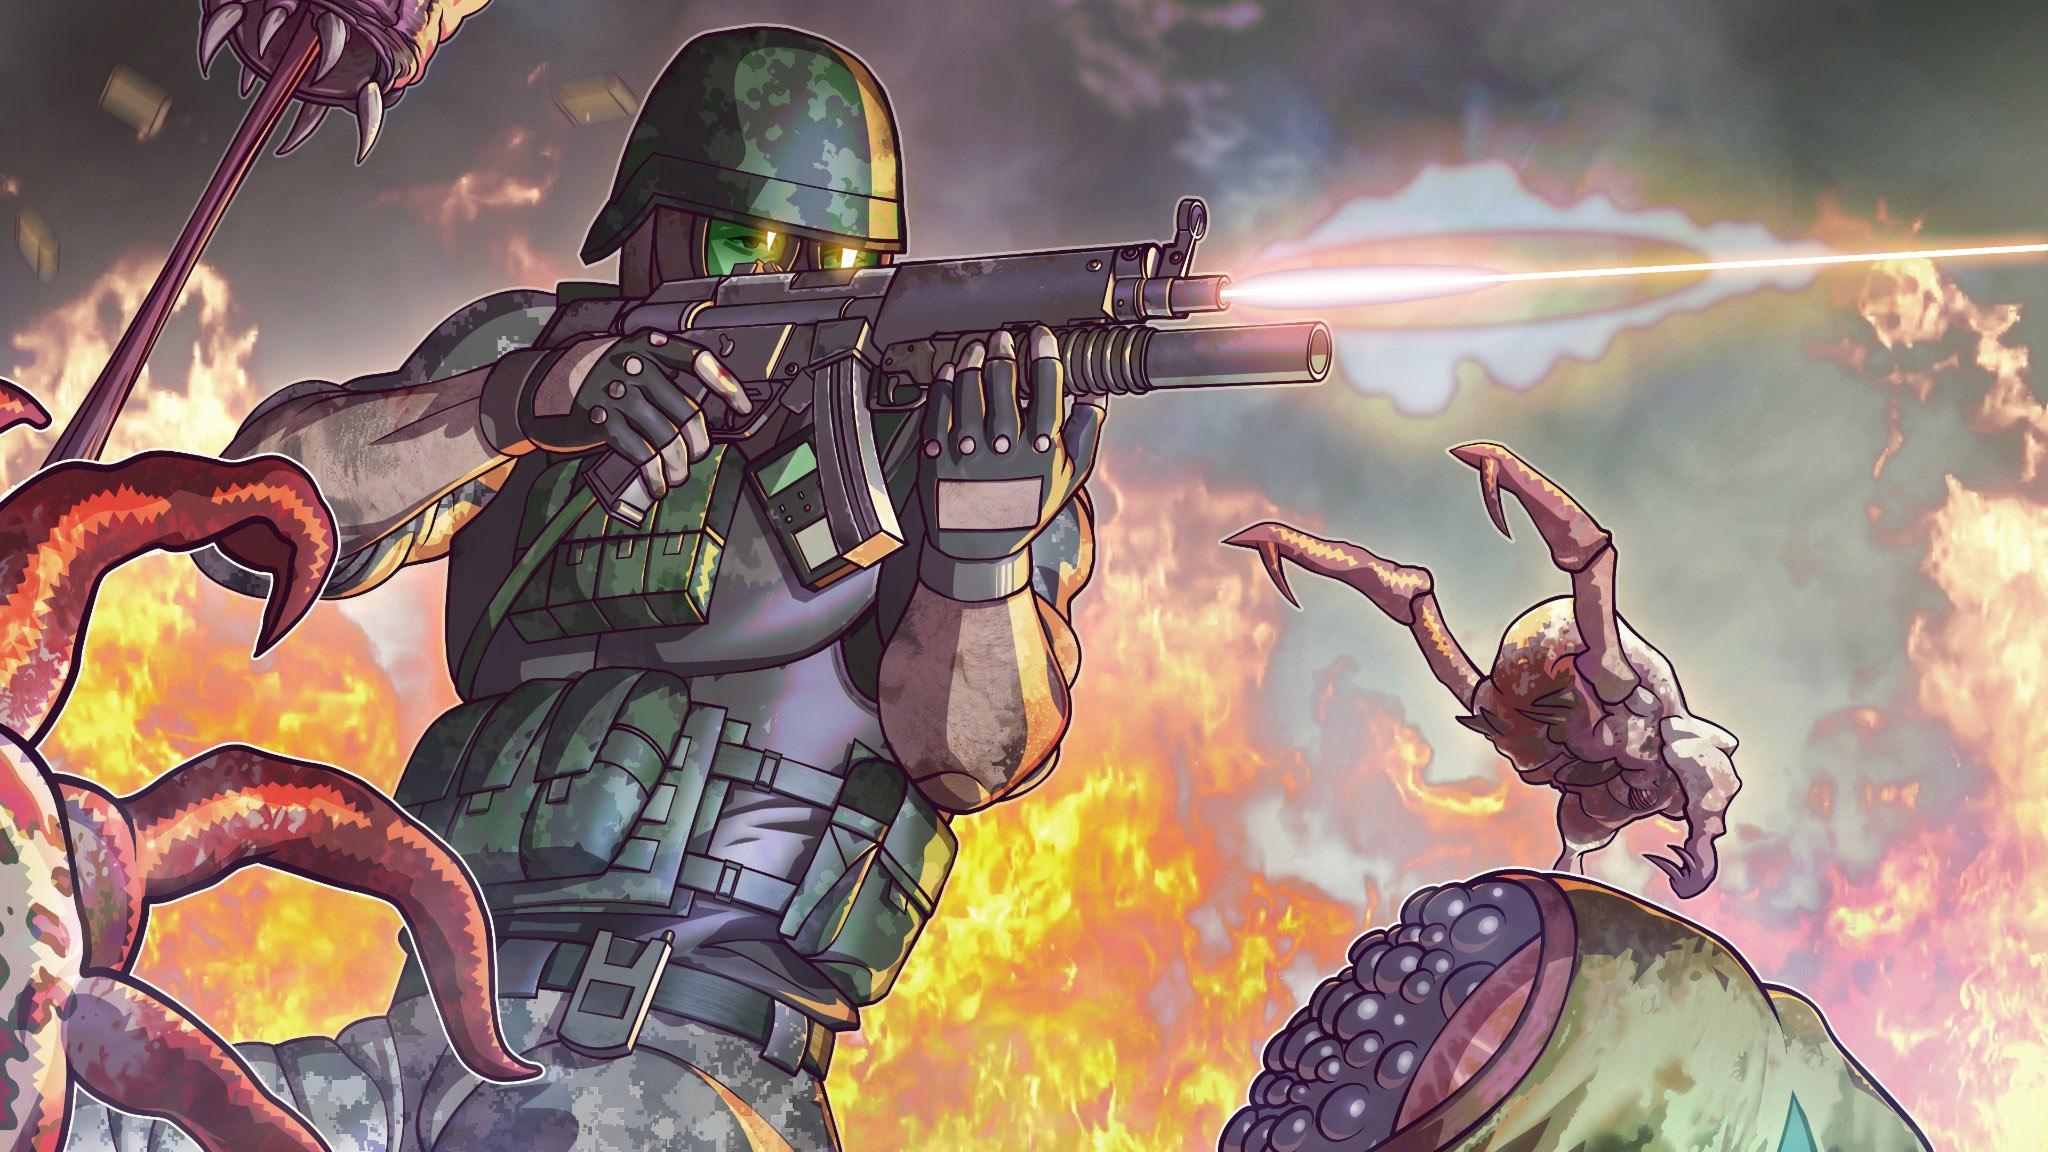 Gmanlives On Twitter Opposing Force By Milathemute Art For